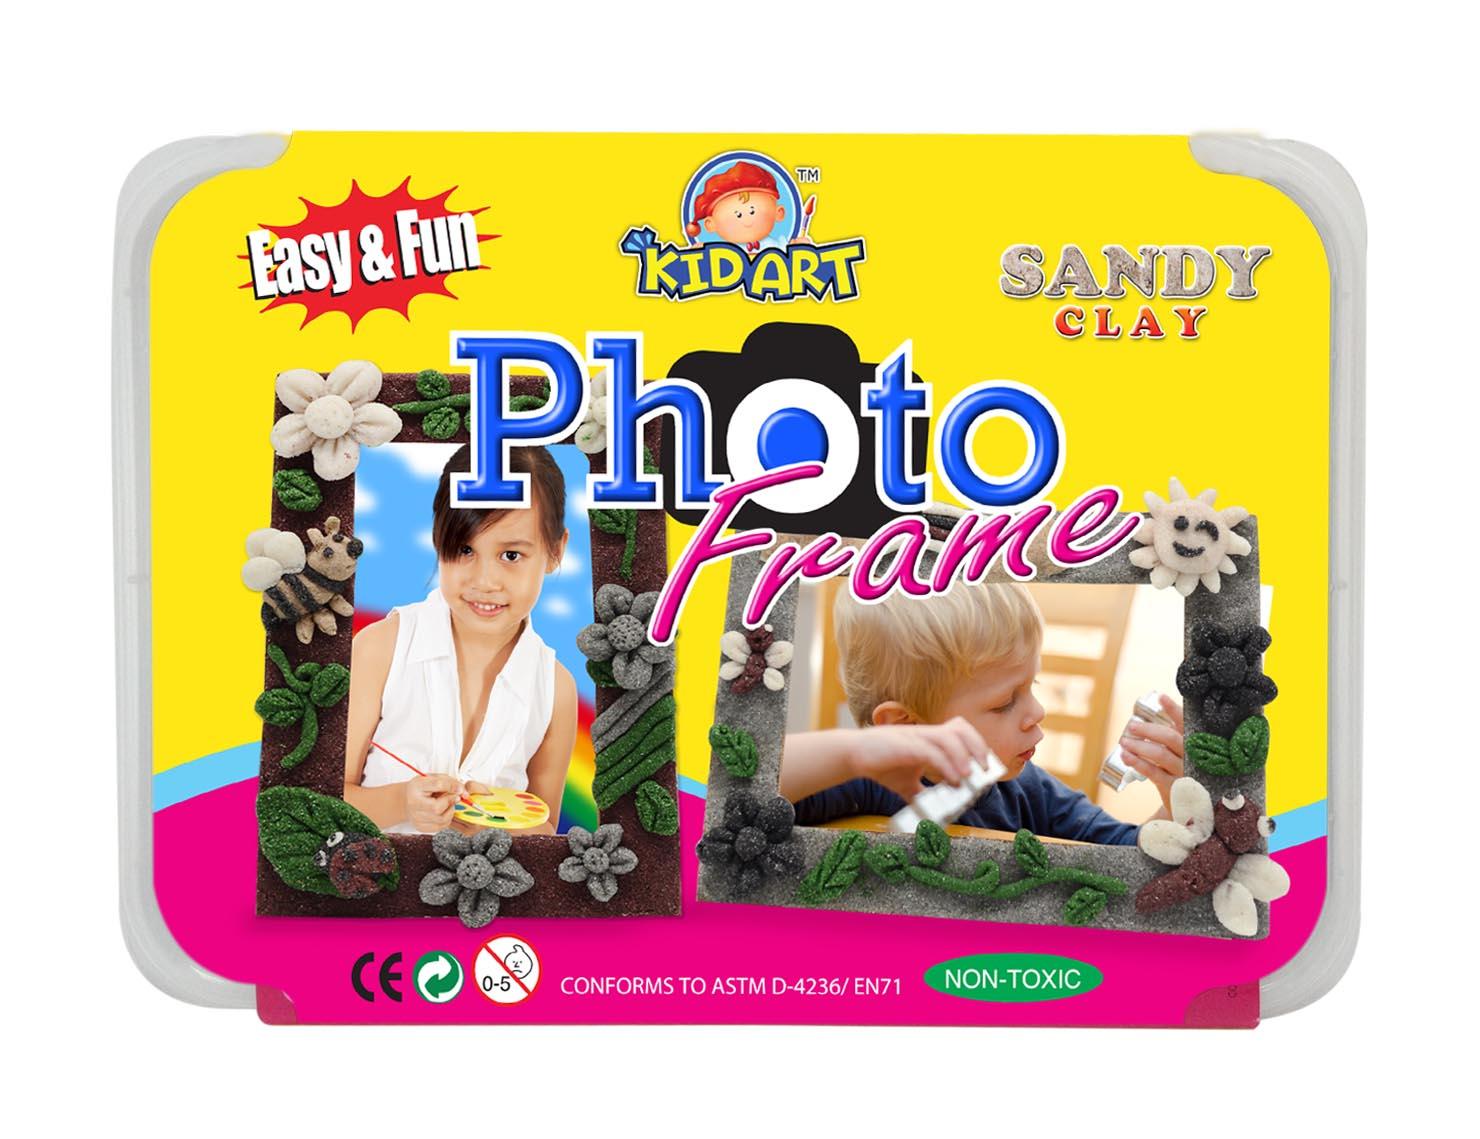 ชุดประดิษฐ์กรอบรูป ทรายปั้น ( D.I.Y Sandy Clay Colors- Photo Frame)